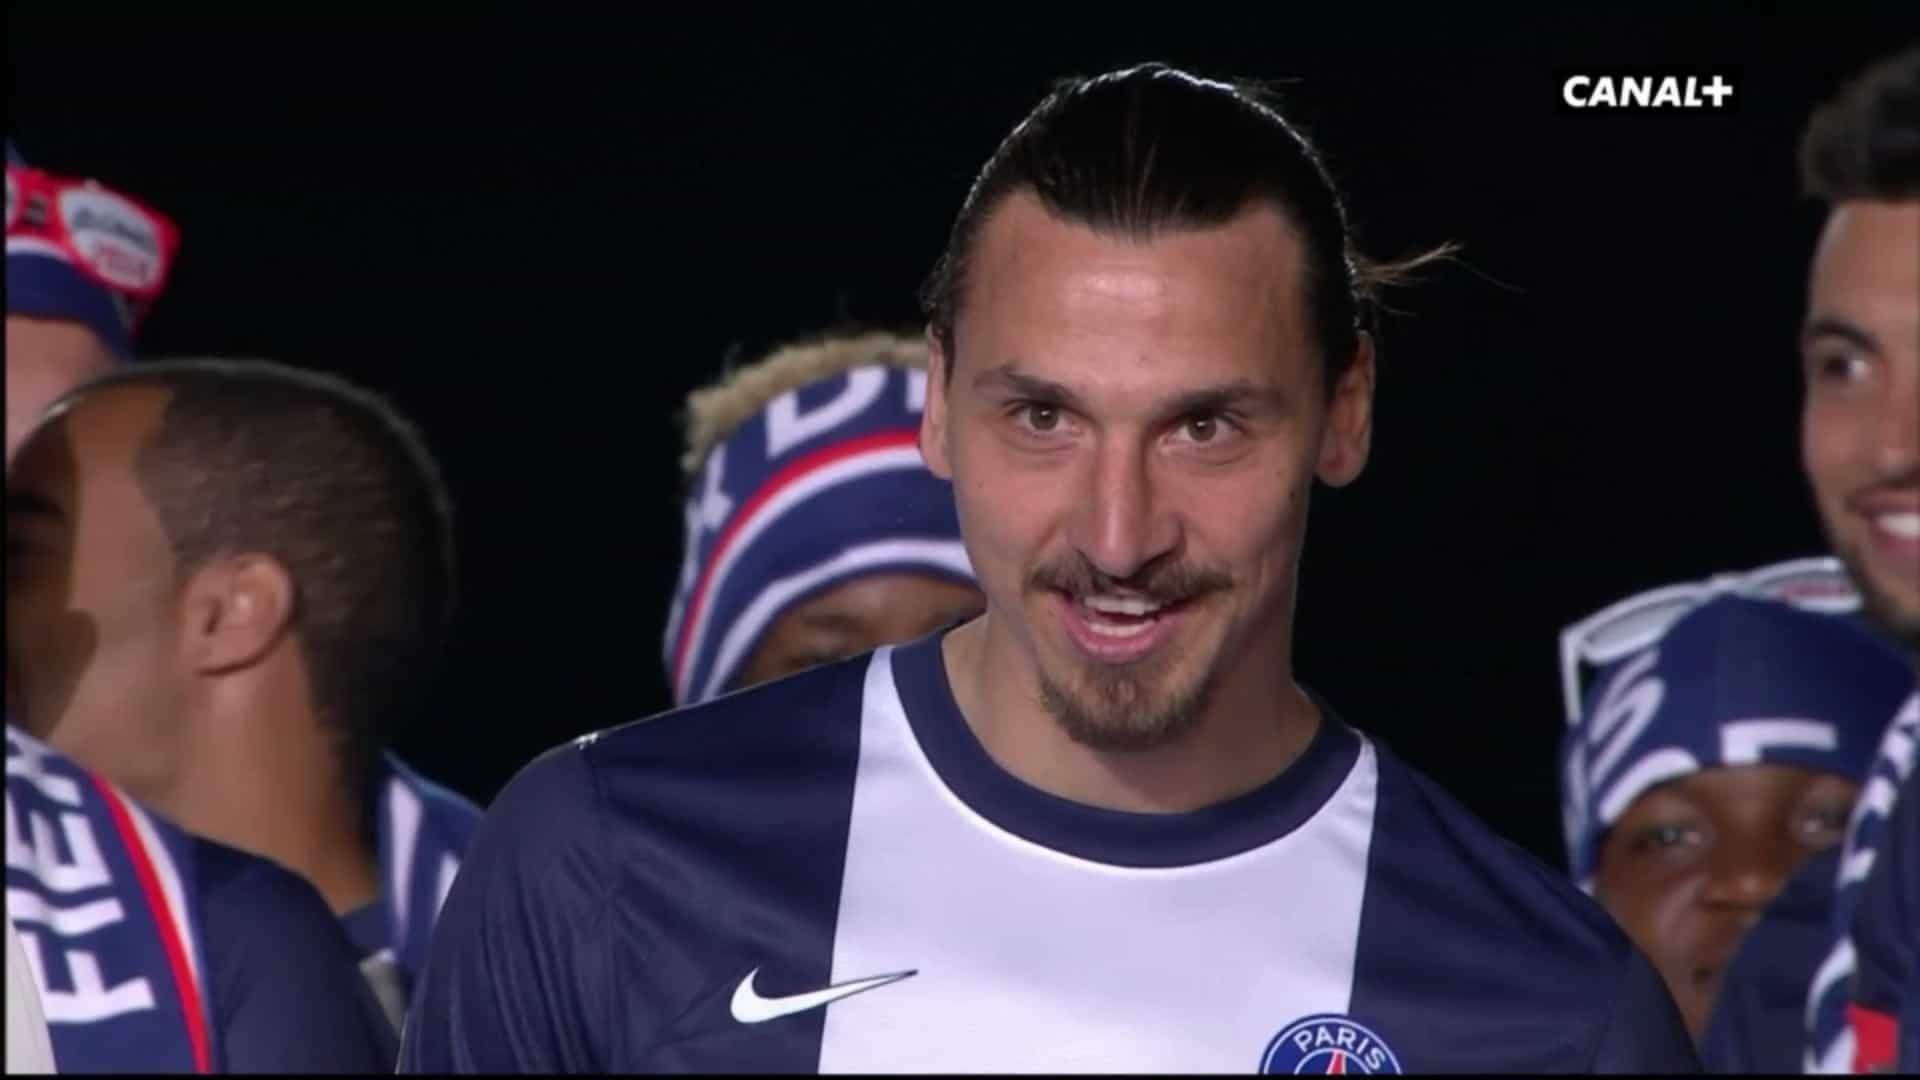 Zlatan Ibrahimović lors de la remise de l'Hexagoal, le 17 mai 2014